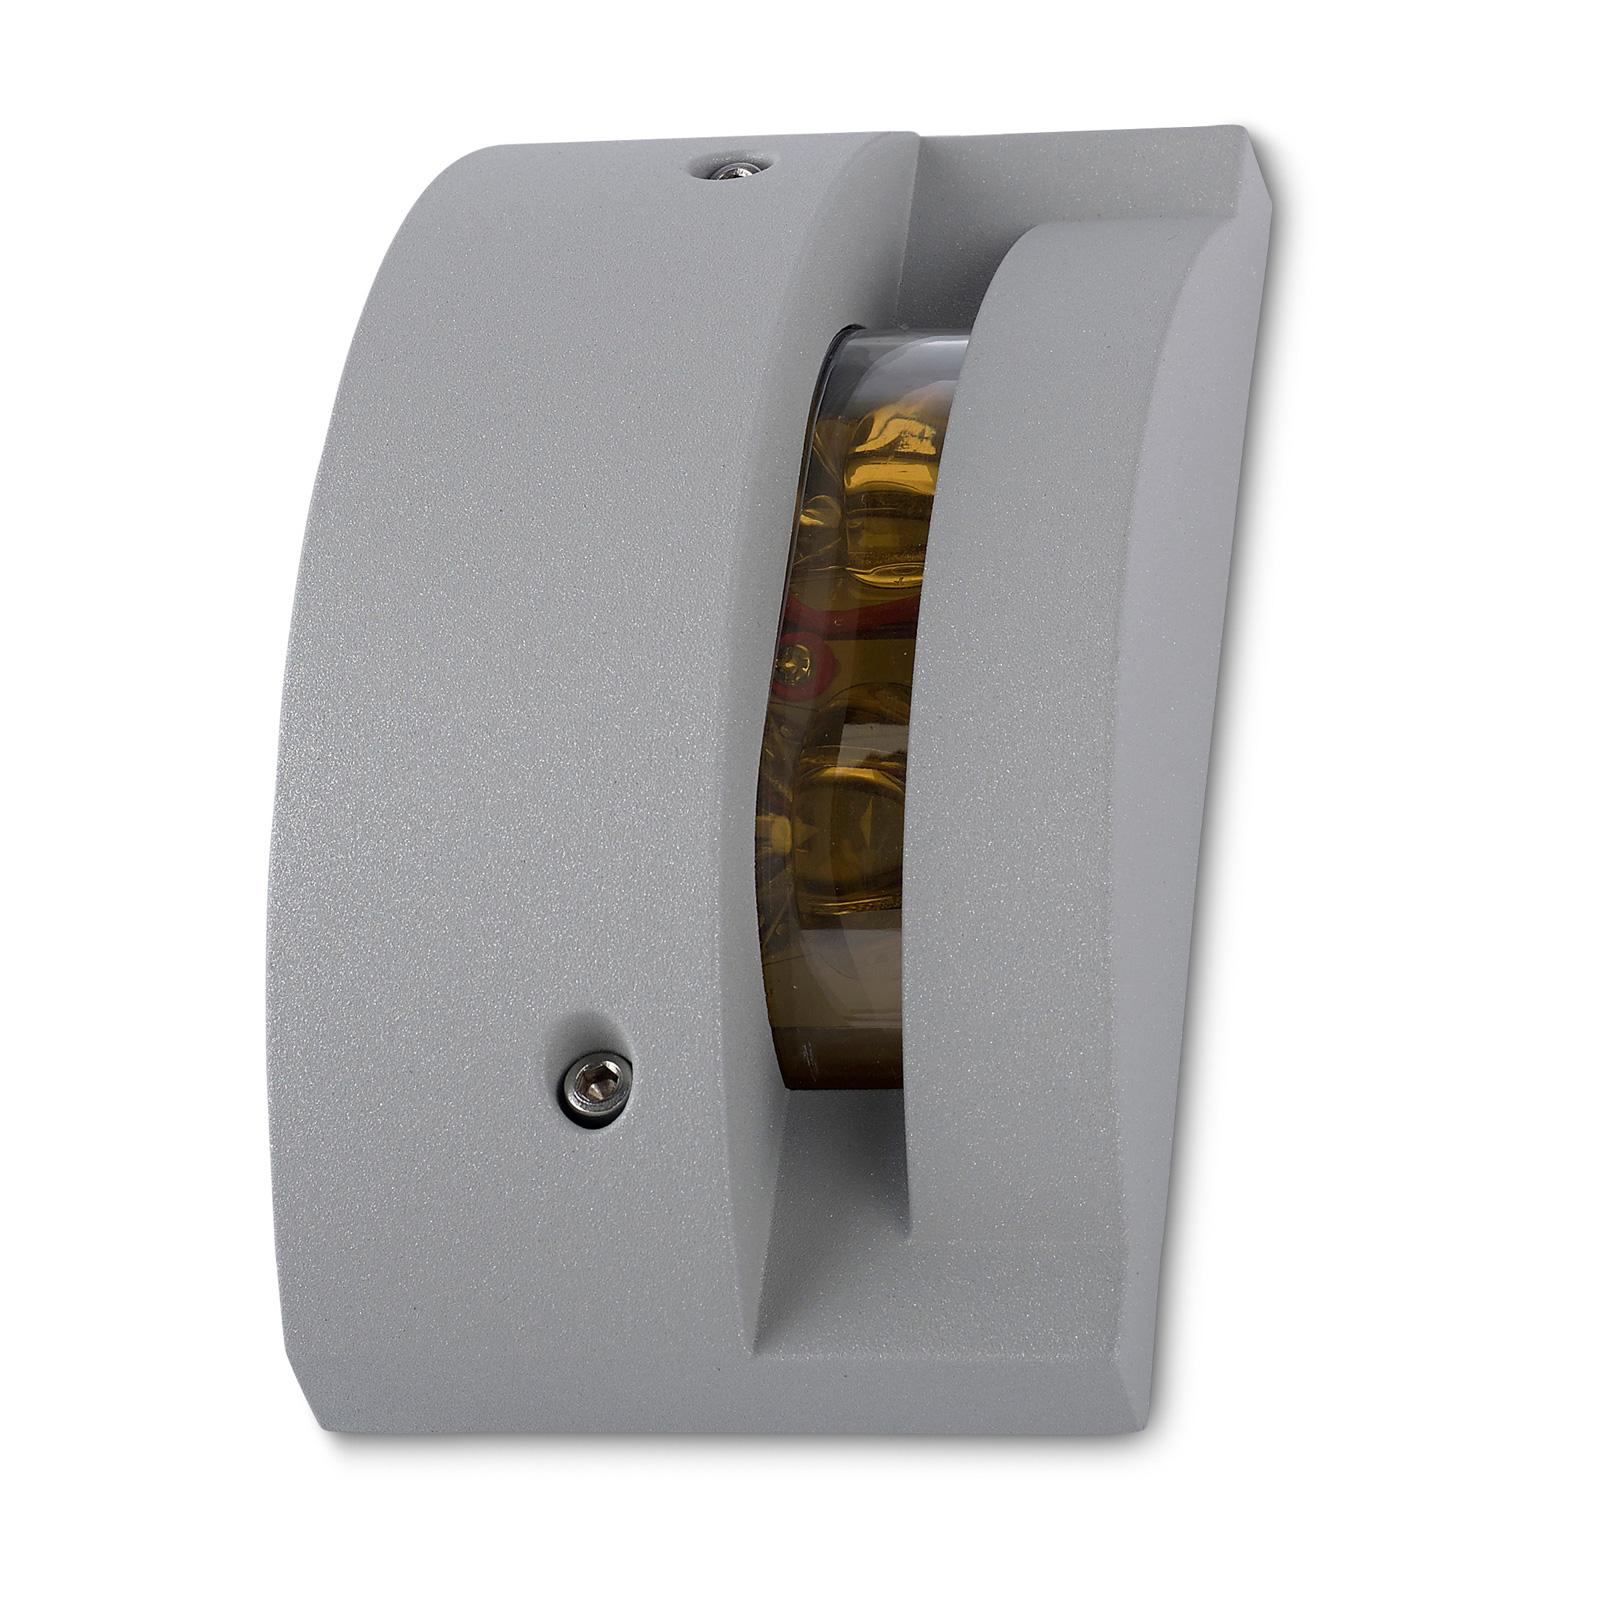 LEDS-C4 Finestra LED wandlamp met 3 kleurenfilters